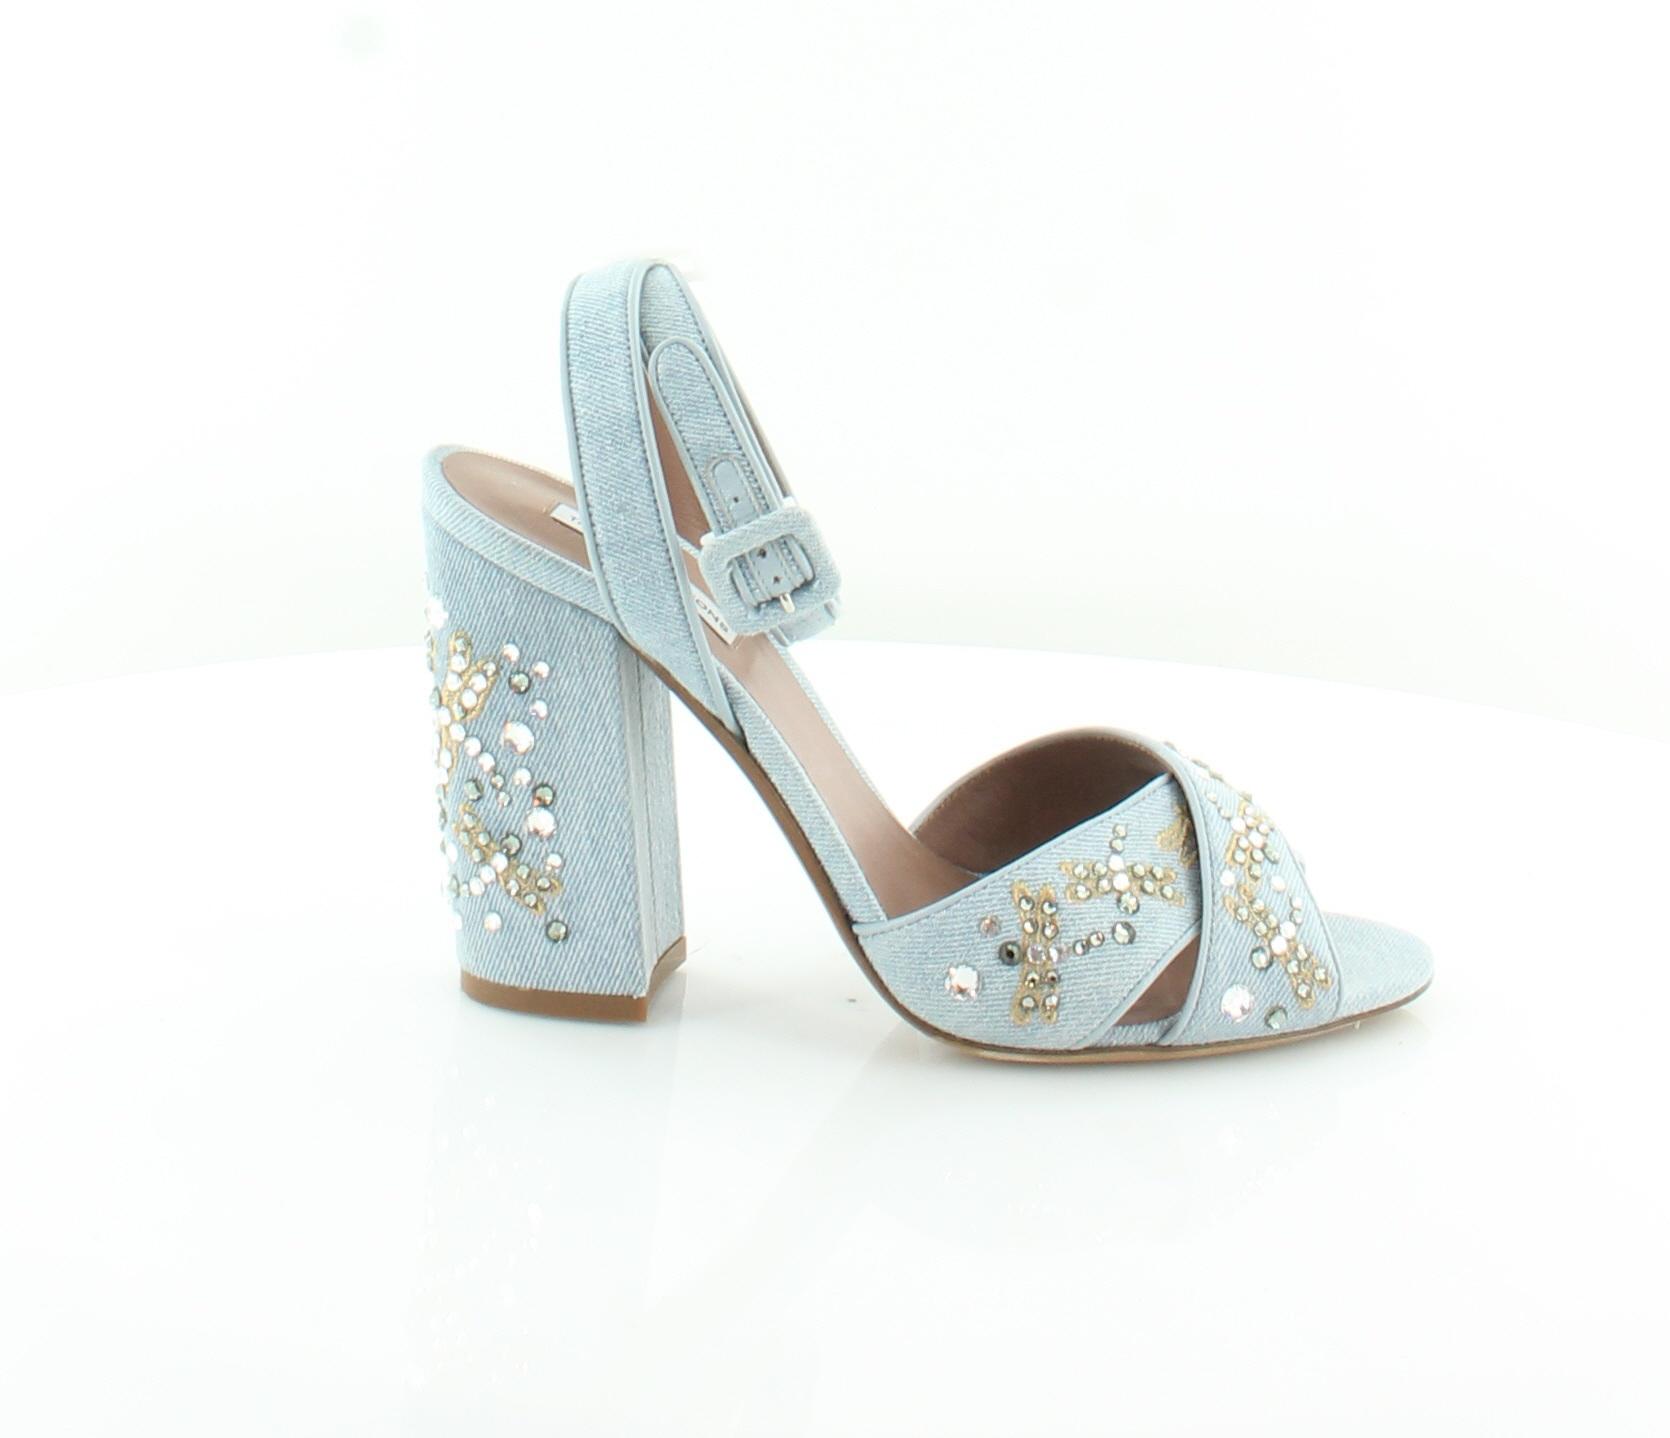 Tabitha Simmons Connie Azul Sandalias De Mujer Mujer Mujer Zapatos Talla 8.5 M precio minorista sugerido por el fabricante  1195  bajo precio